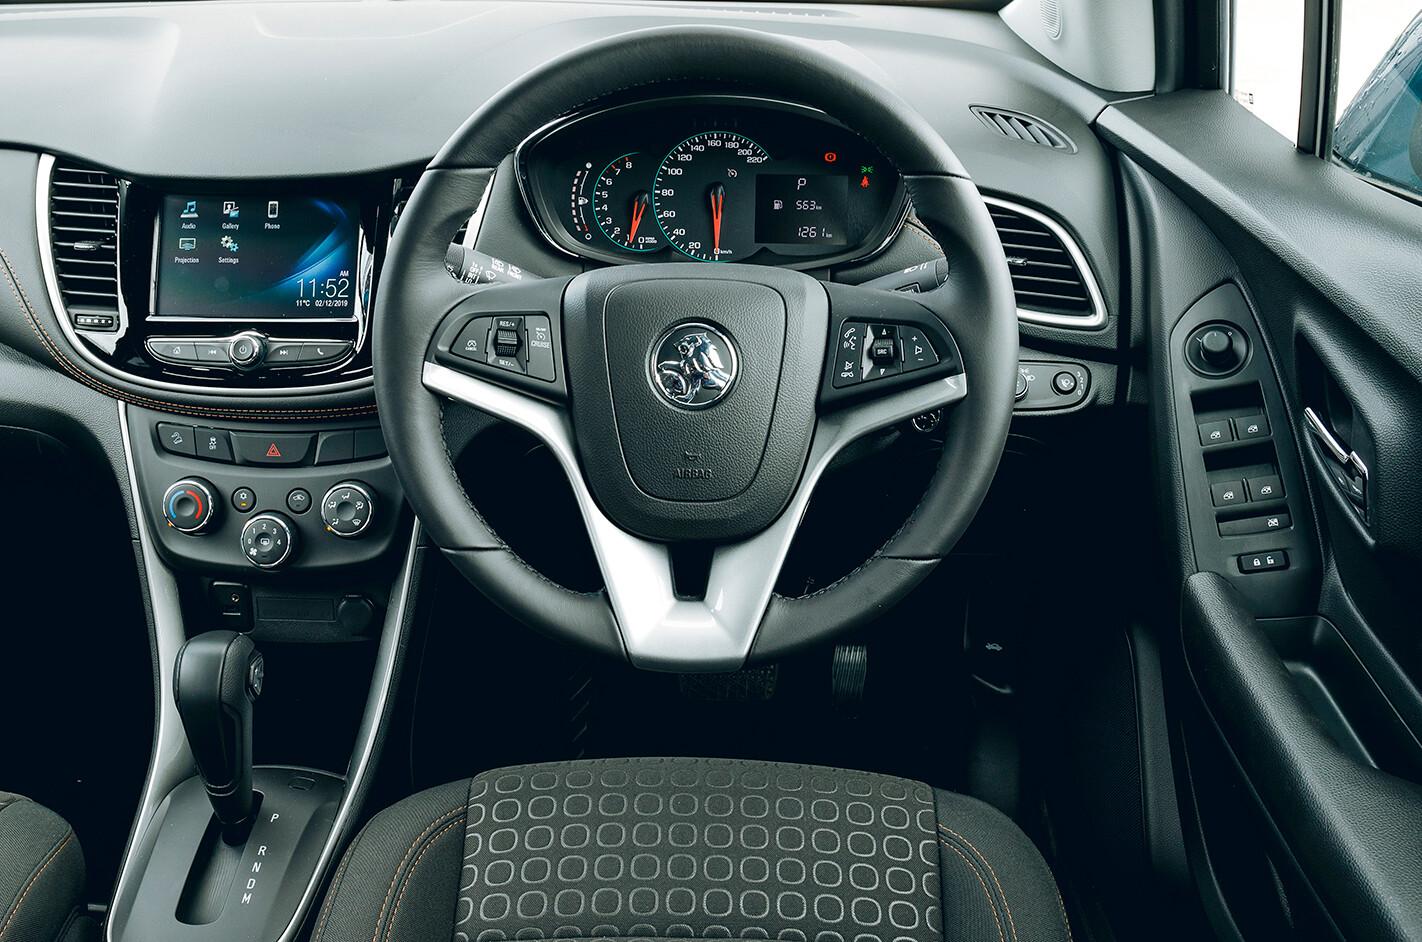 2020 Holden Trax interior